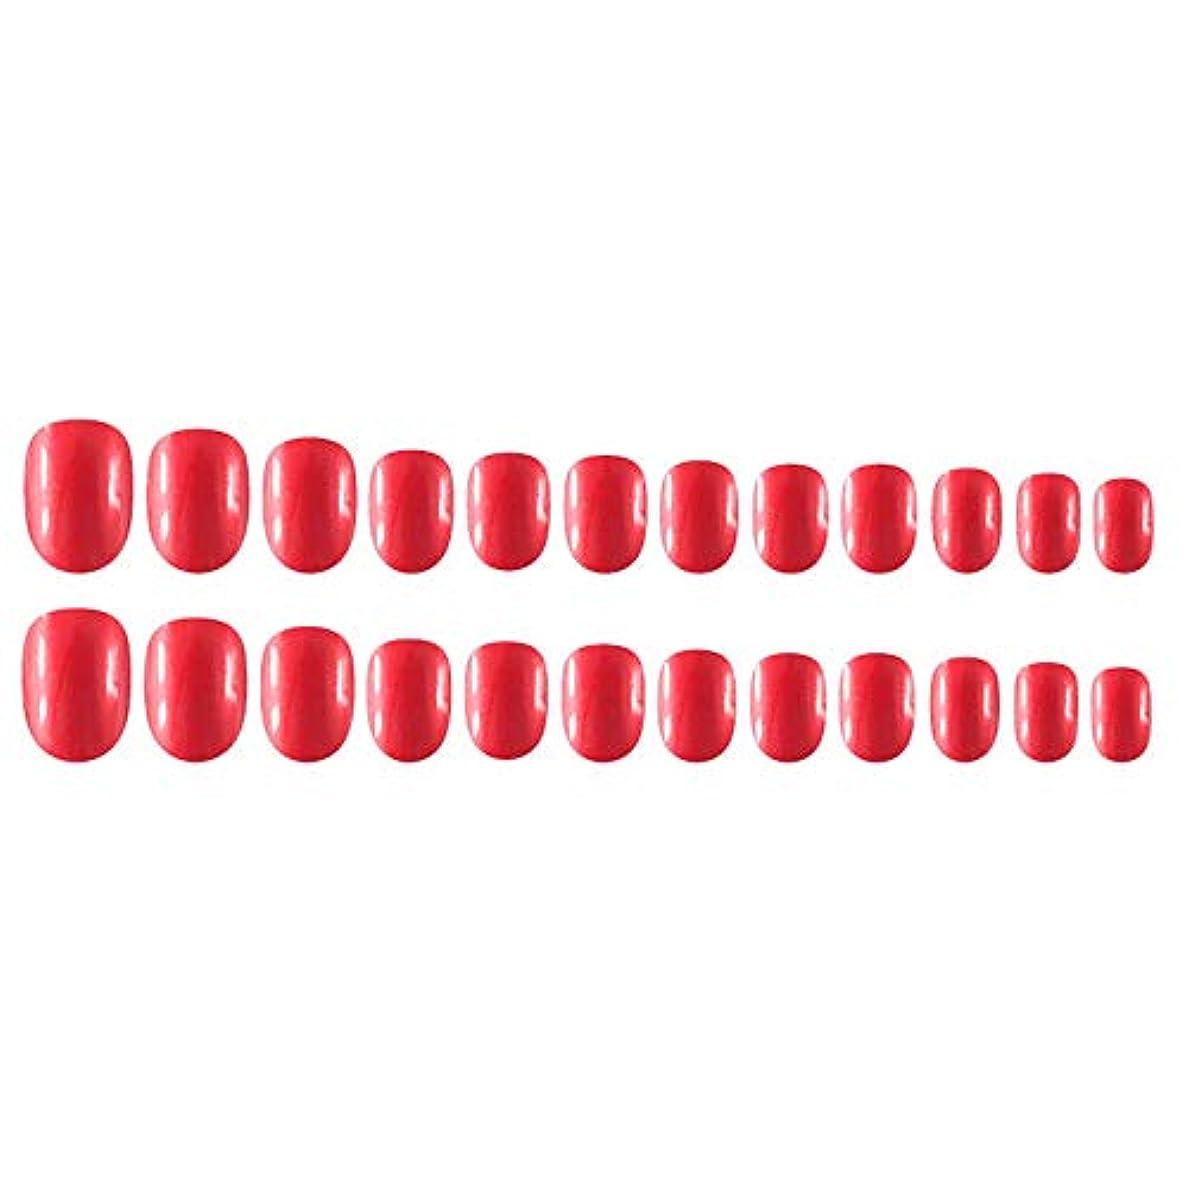 信念南方のむさぼり食うDecdeal Decdeal ネイルチップ 24ピース 12異なるサイズ diy サロン ネイルアートツール 偽